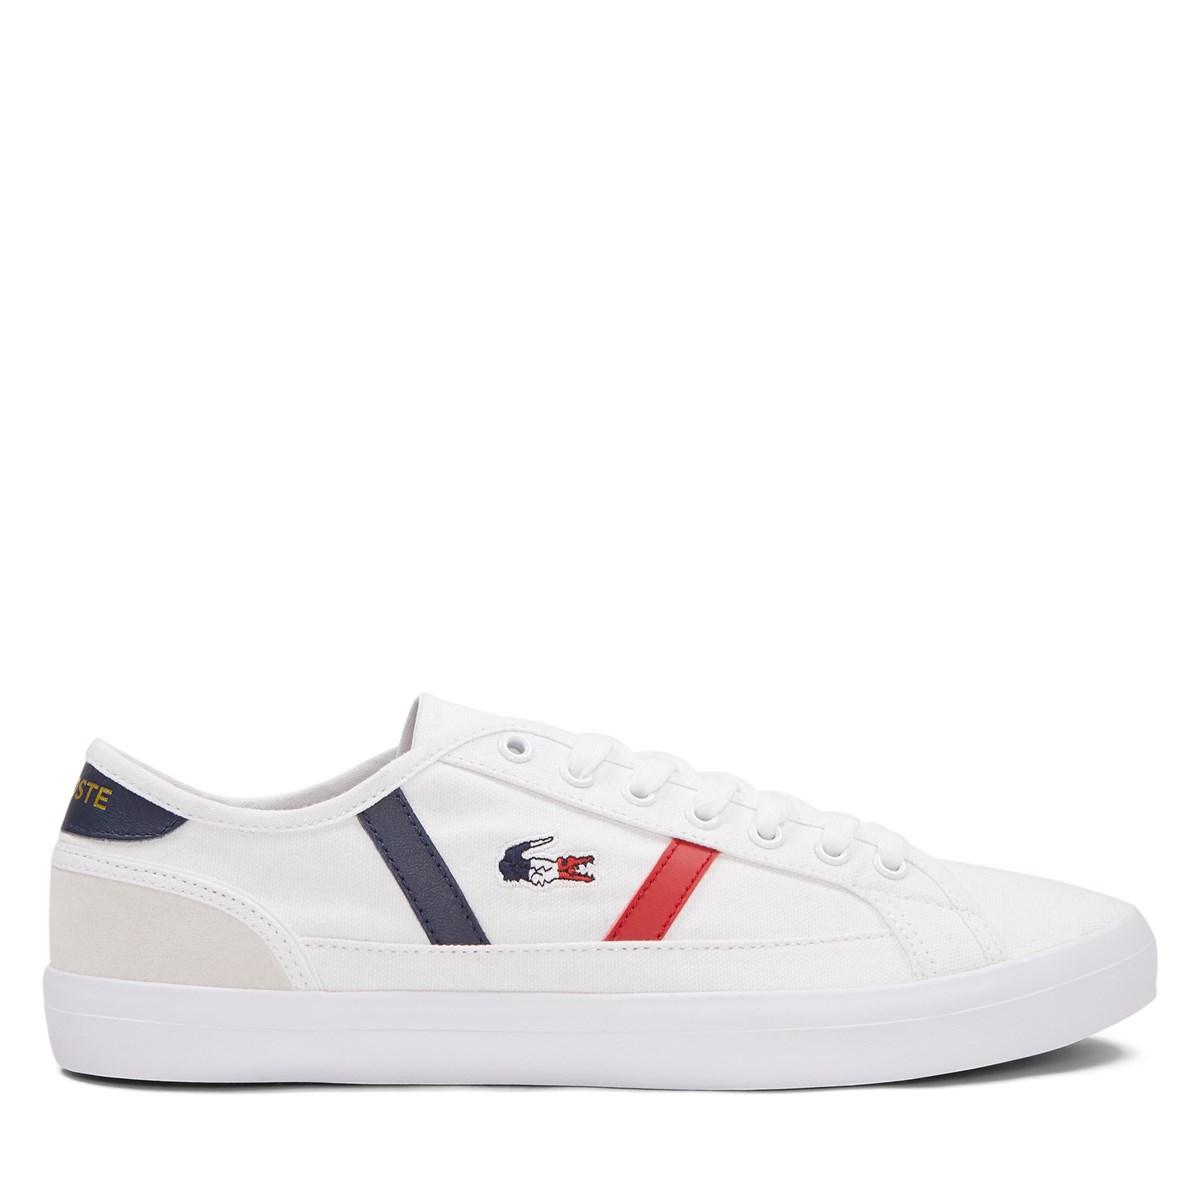 Men's Sideline Tri Sneakers in White